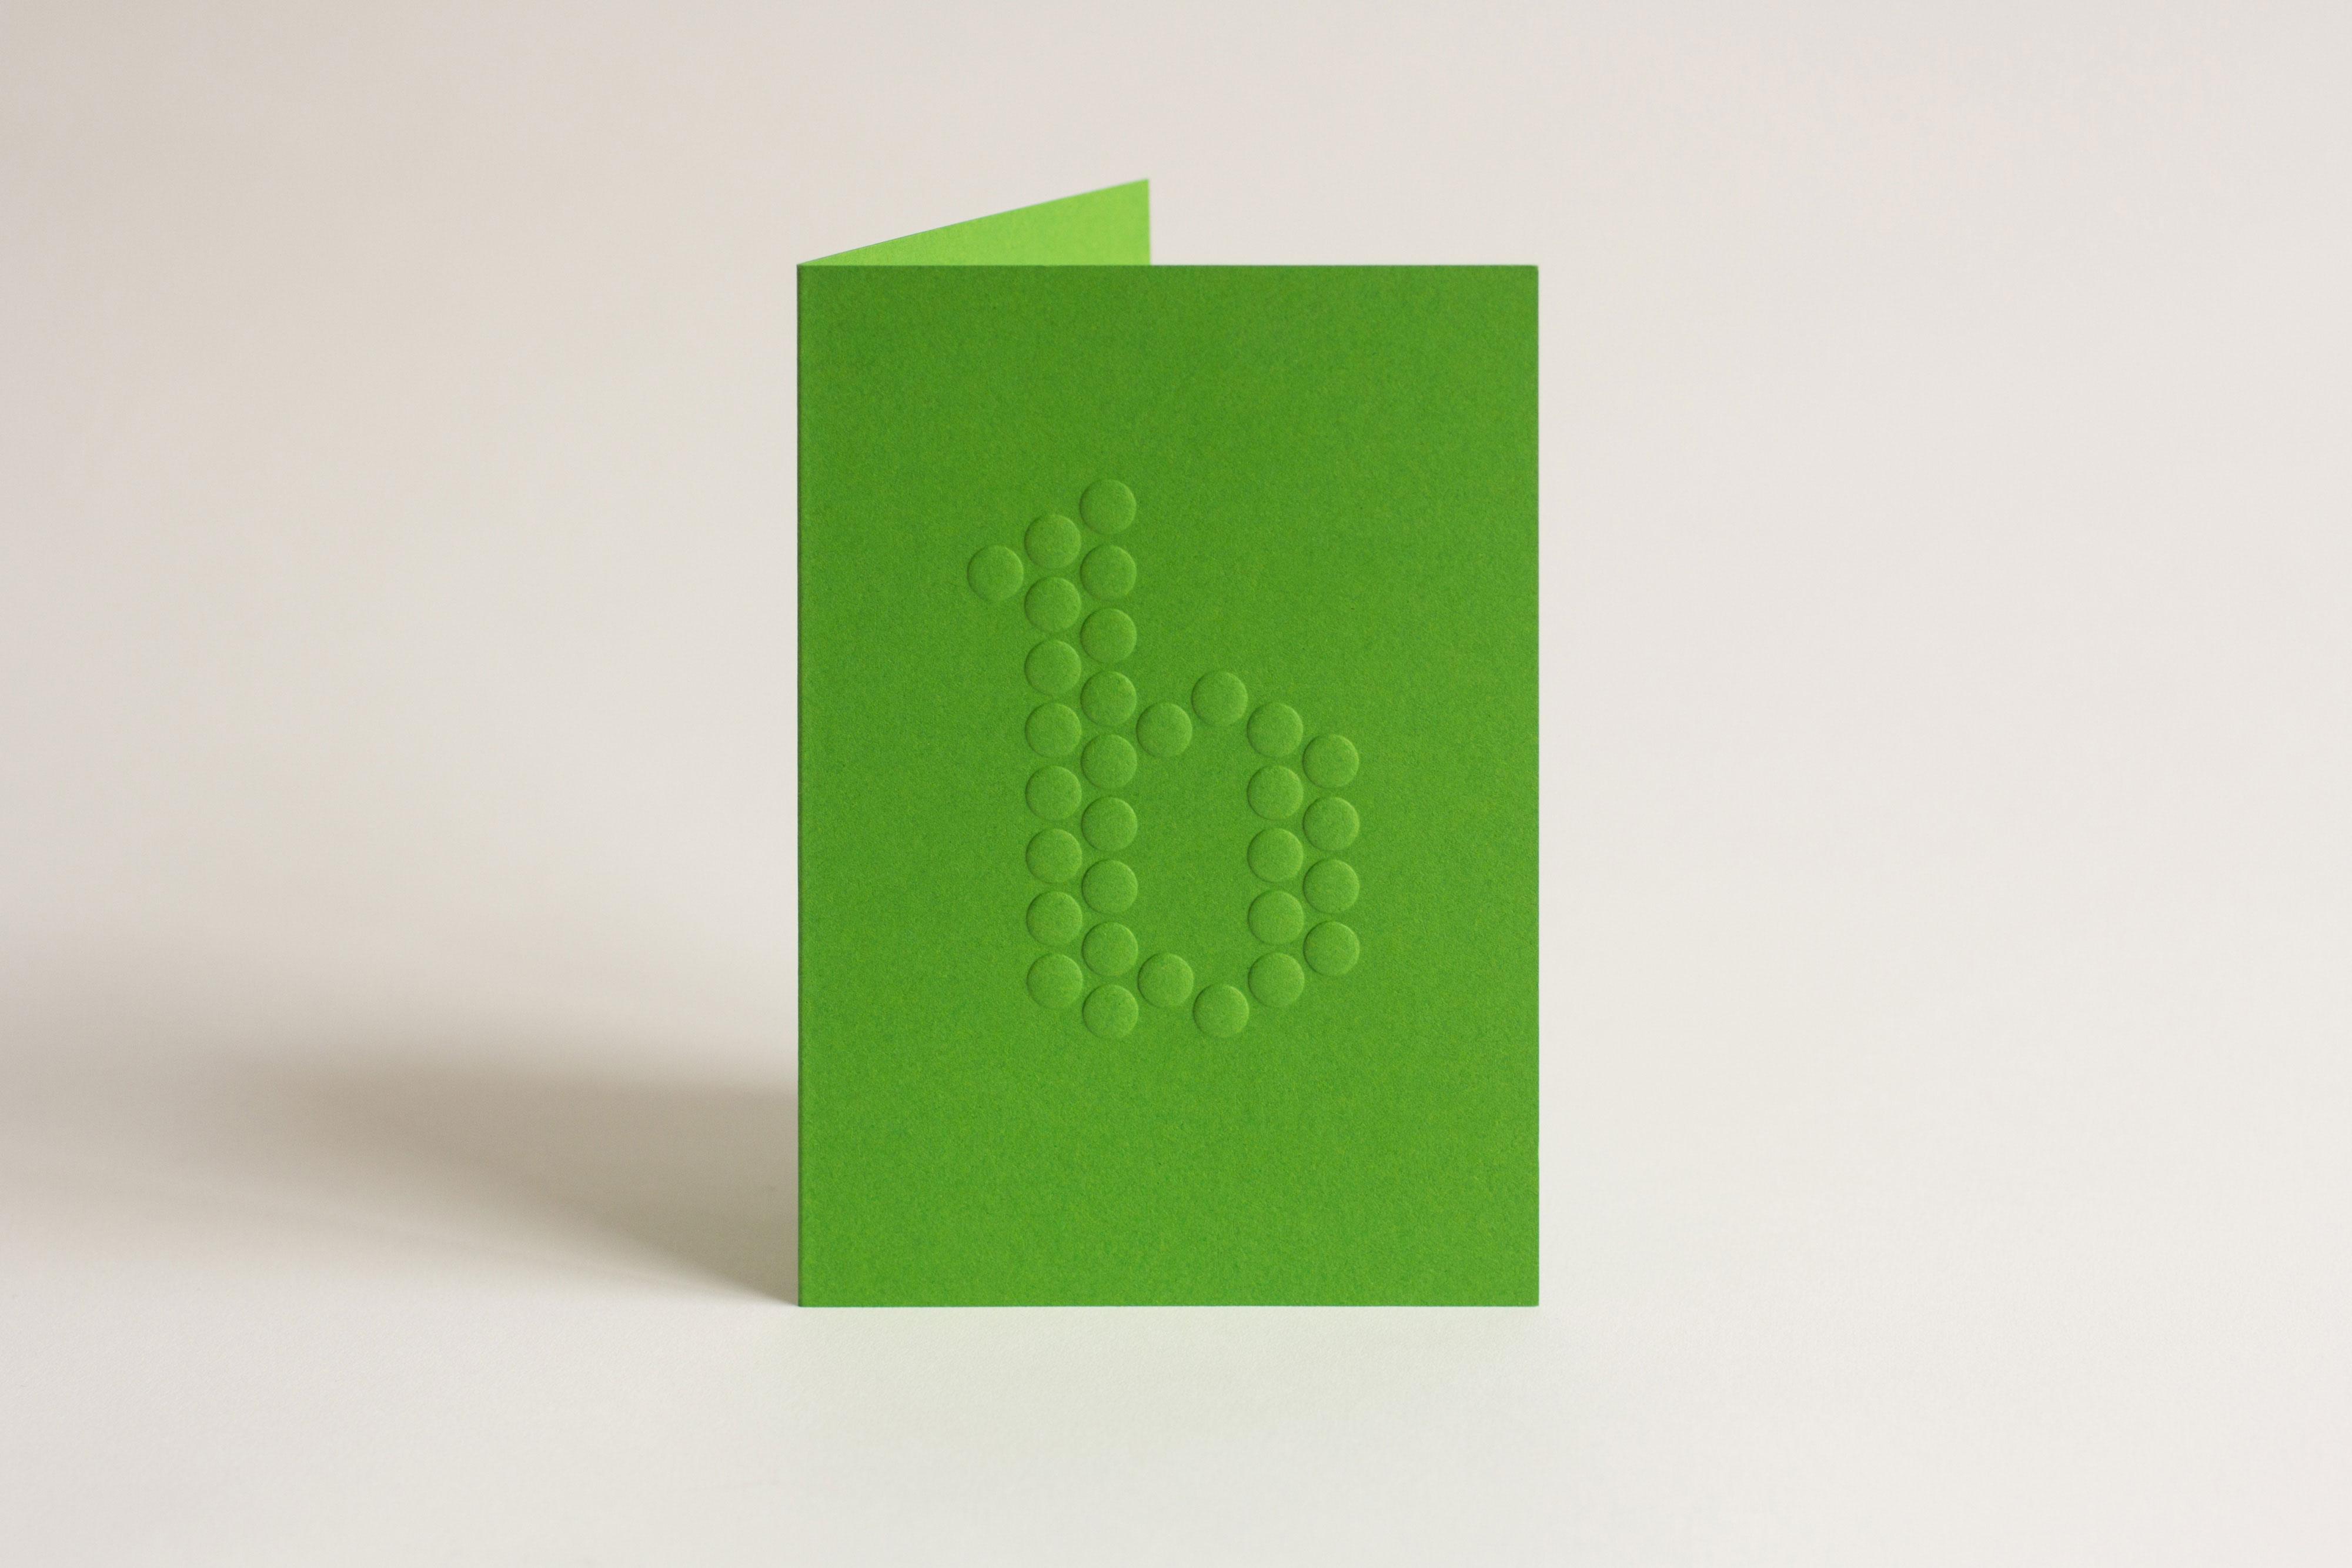 Benwells_card_8